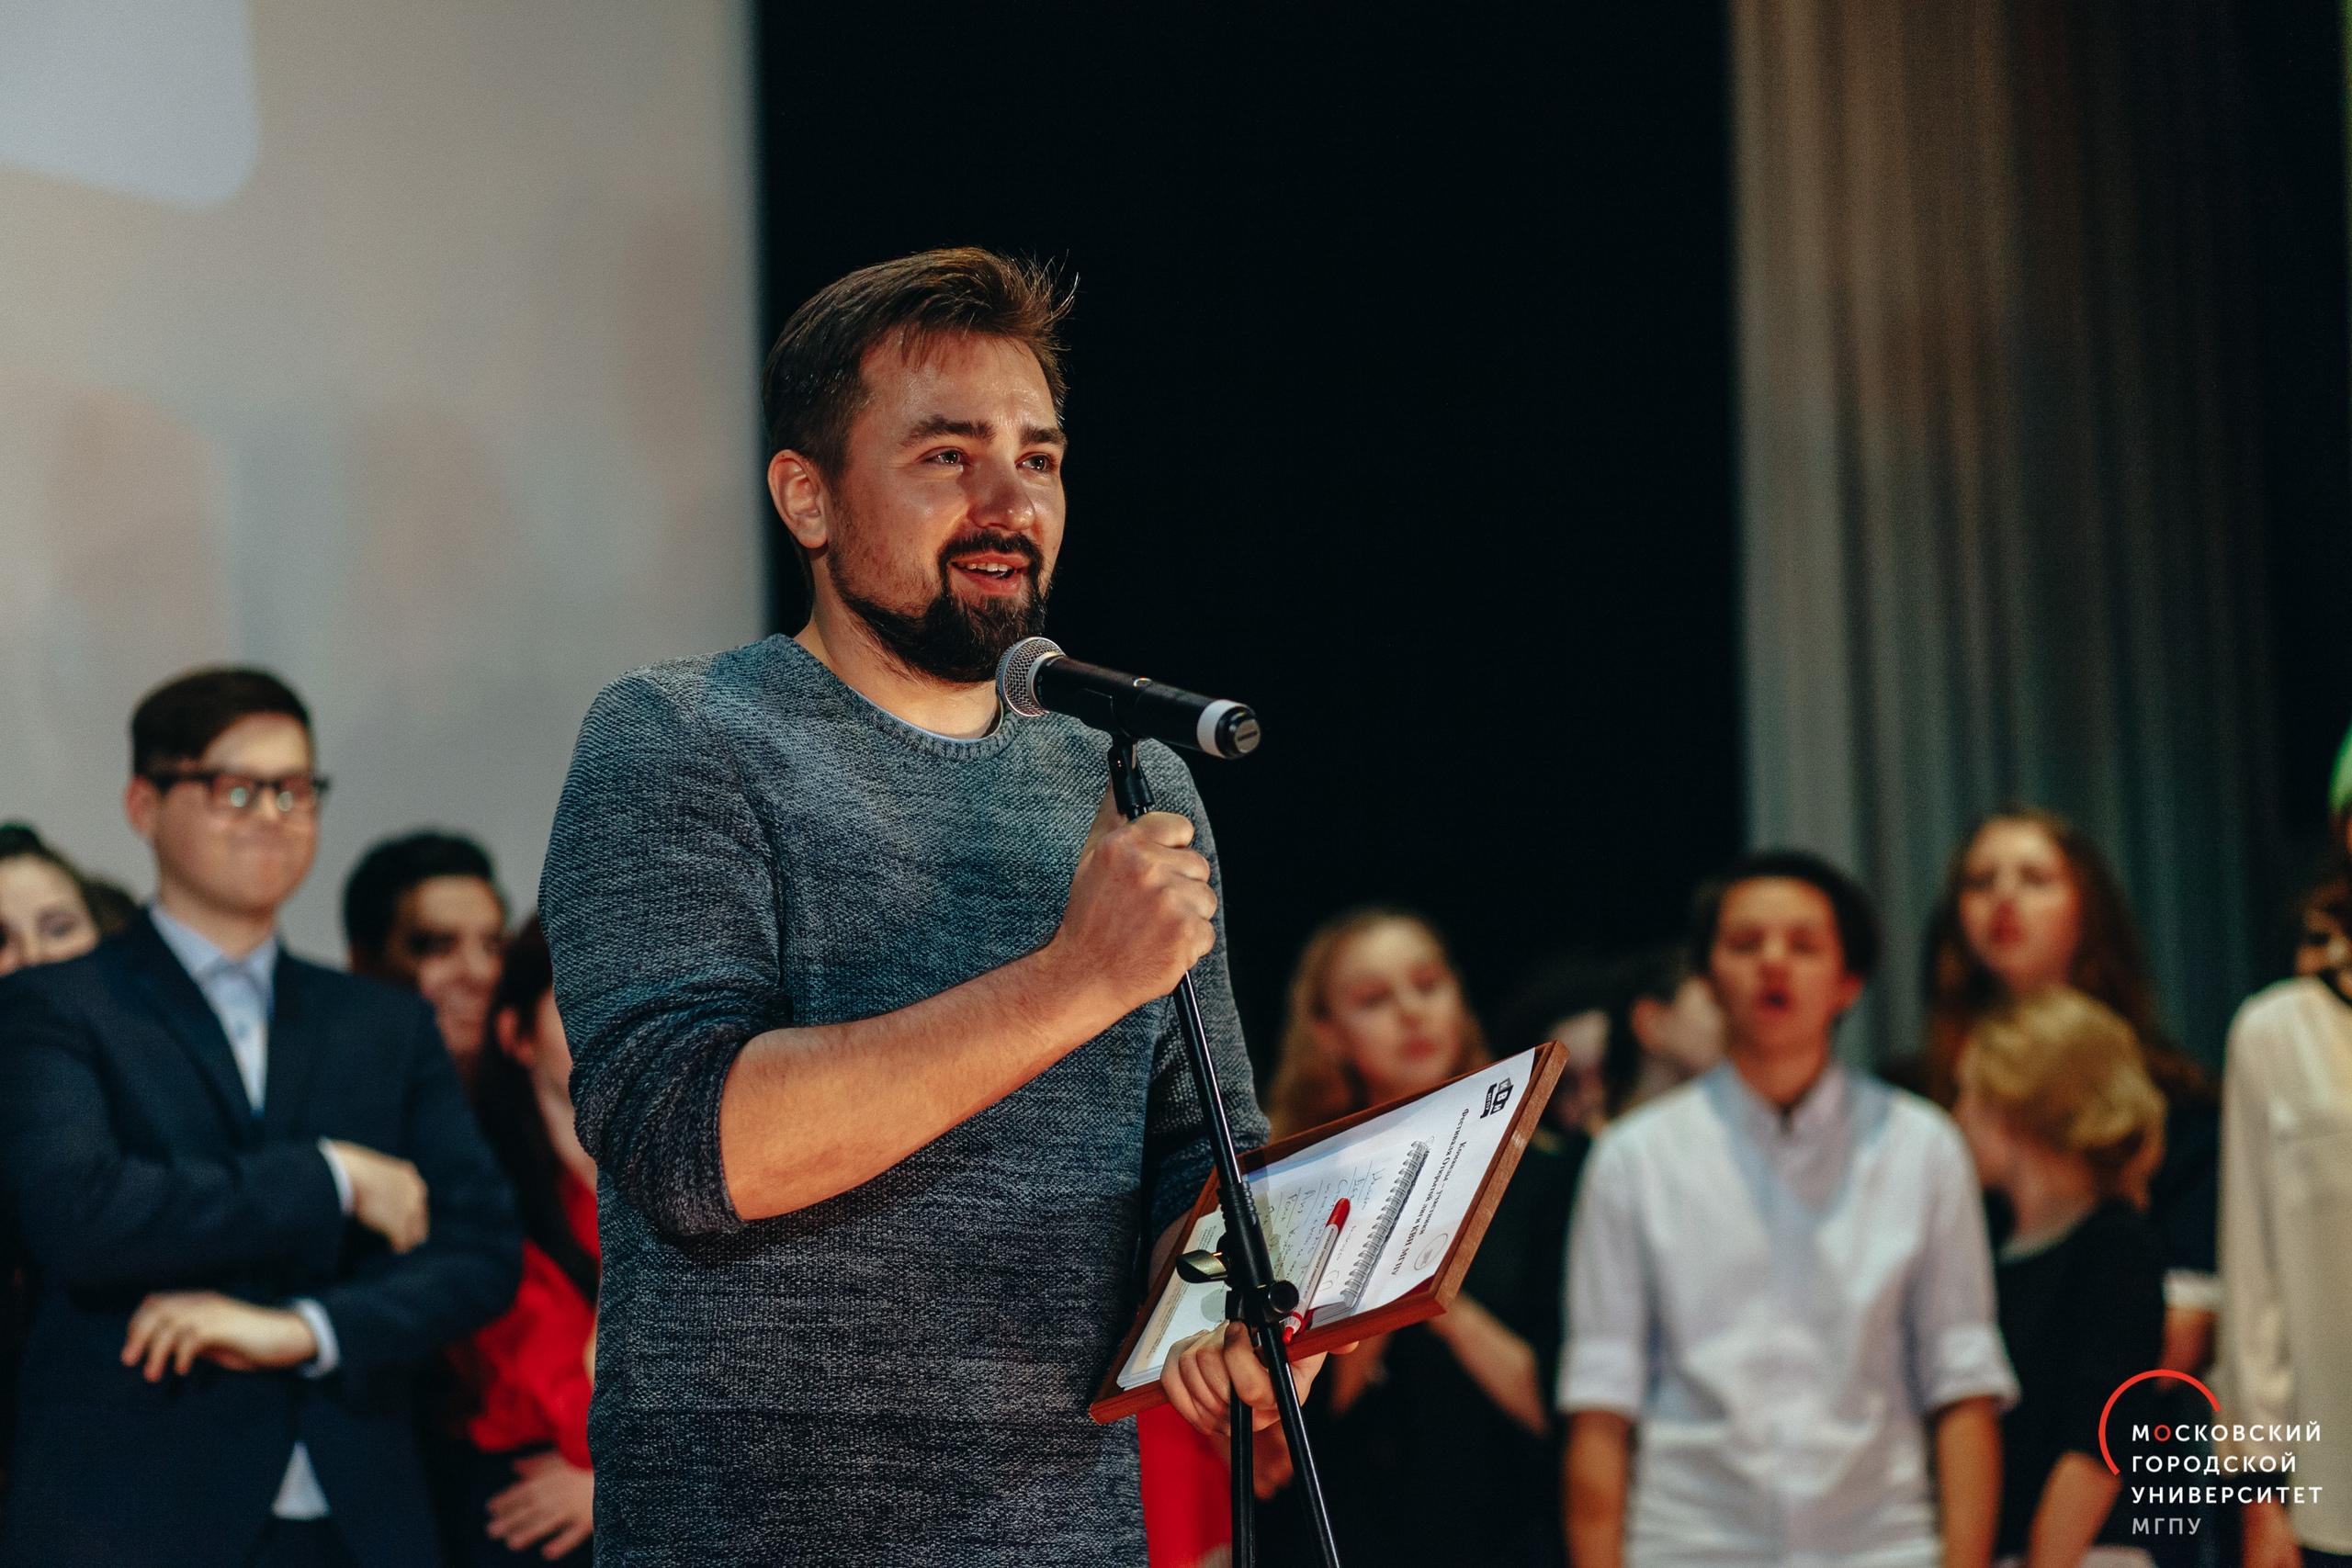 Валентин Стариков — интервью проекту #Московскиевыпускники